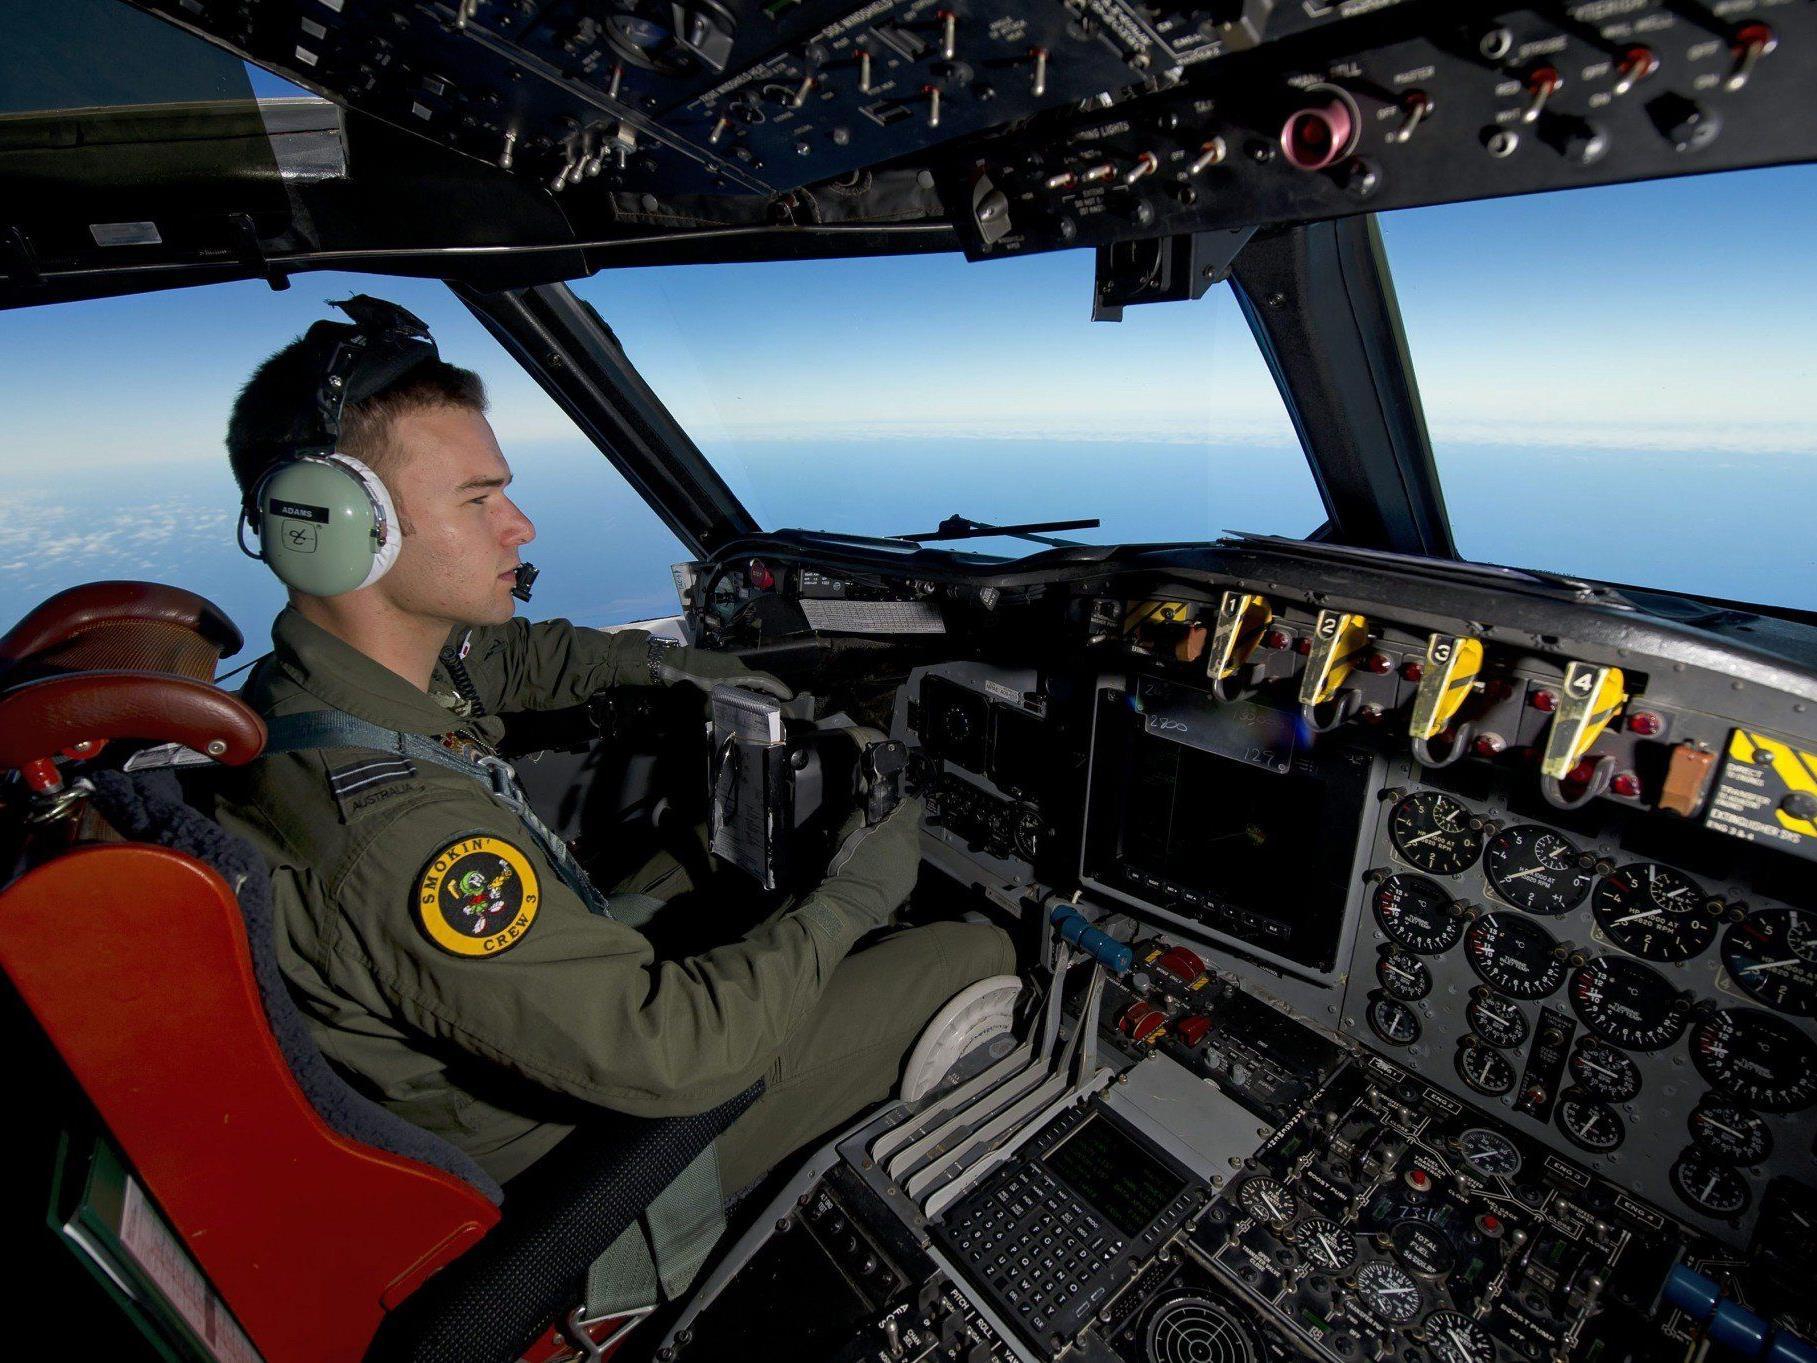 Aviation Safety Network listet fast 90 seit Jahren verschollene Unglücksmaschinen auf.